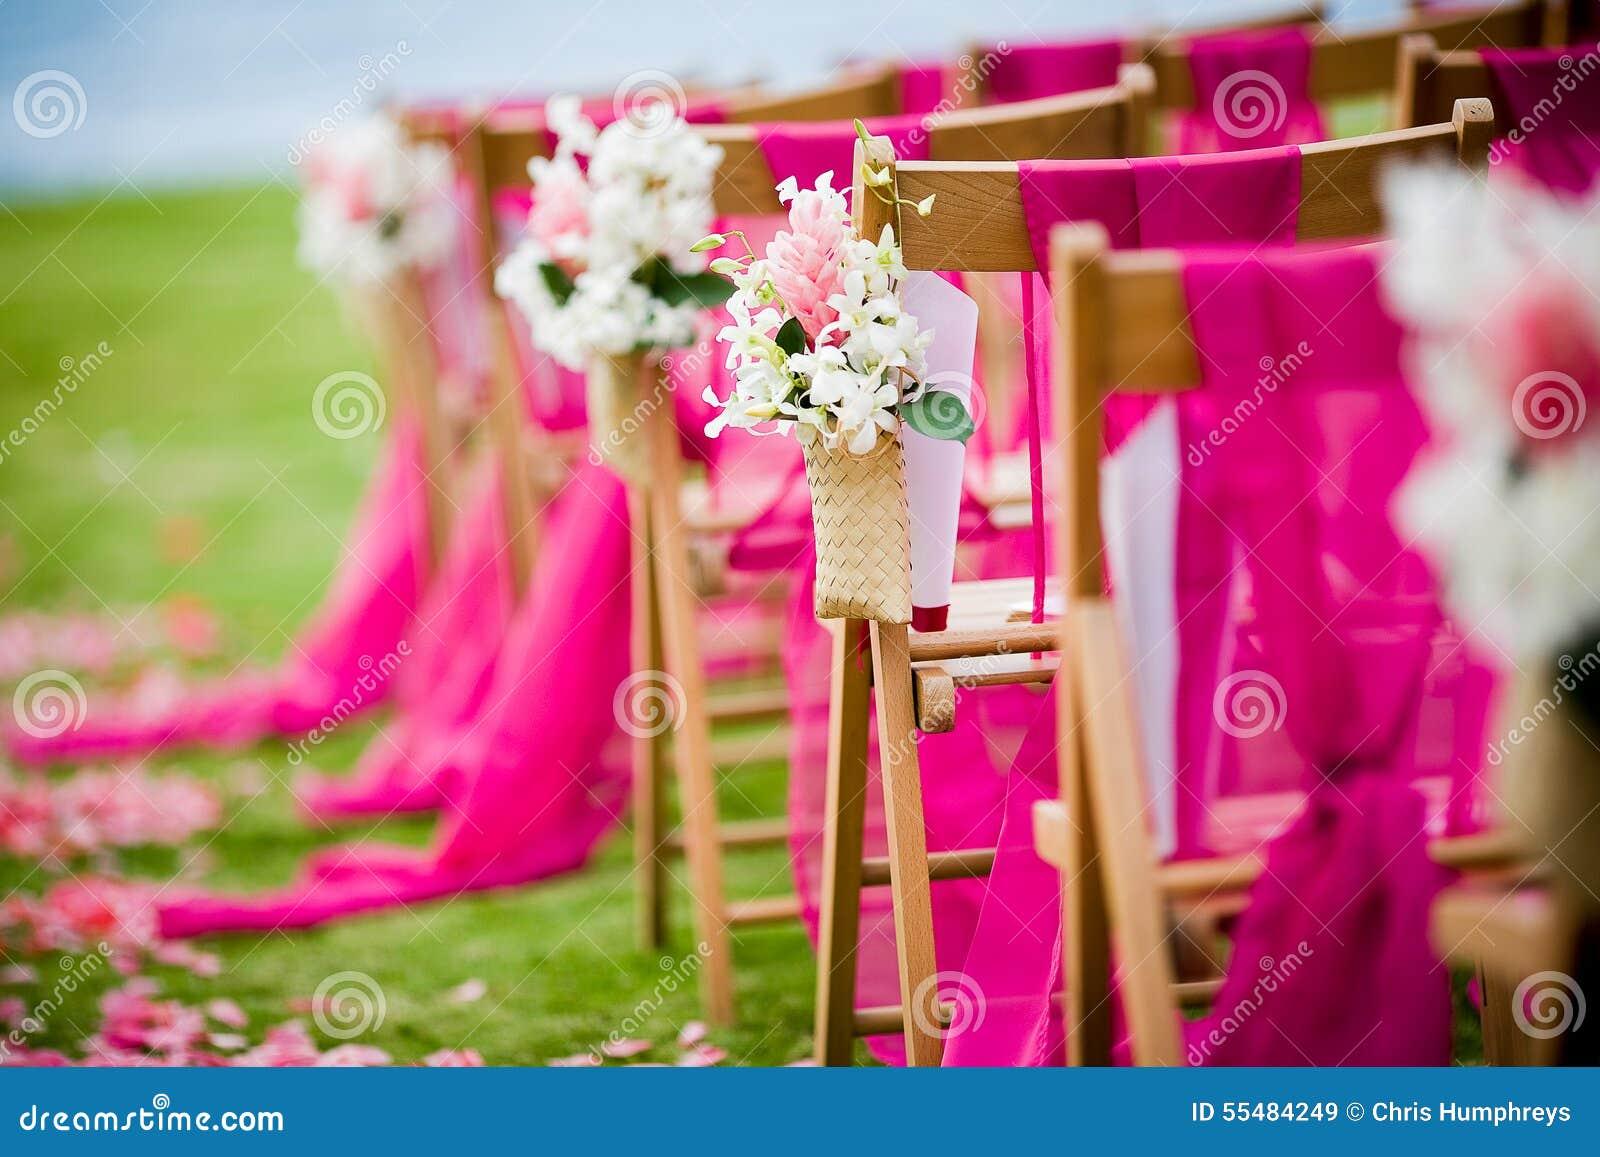 Outdoor Wedding Scene stock image. Image of marriage - 55484249